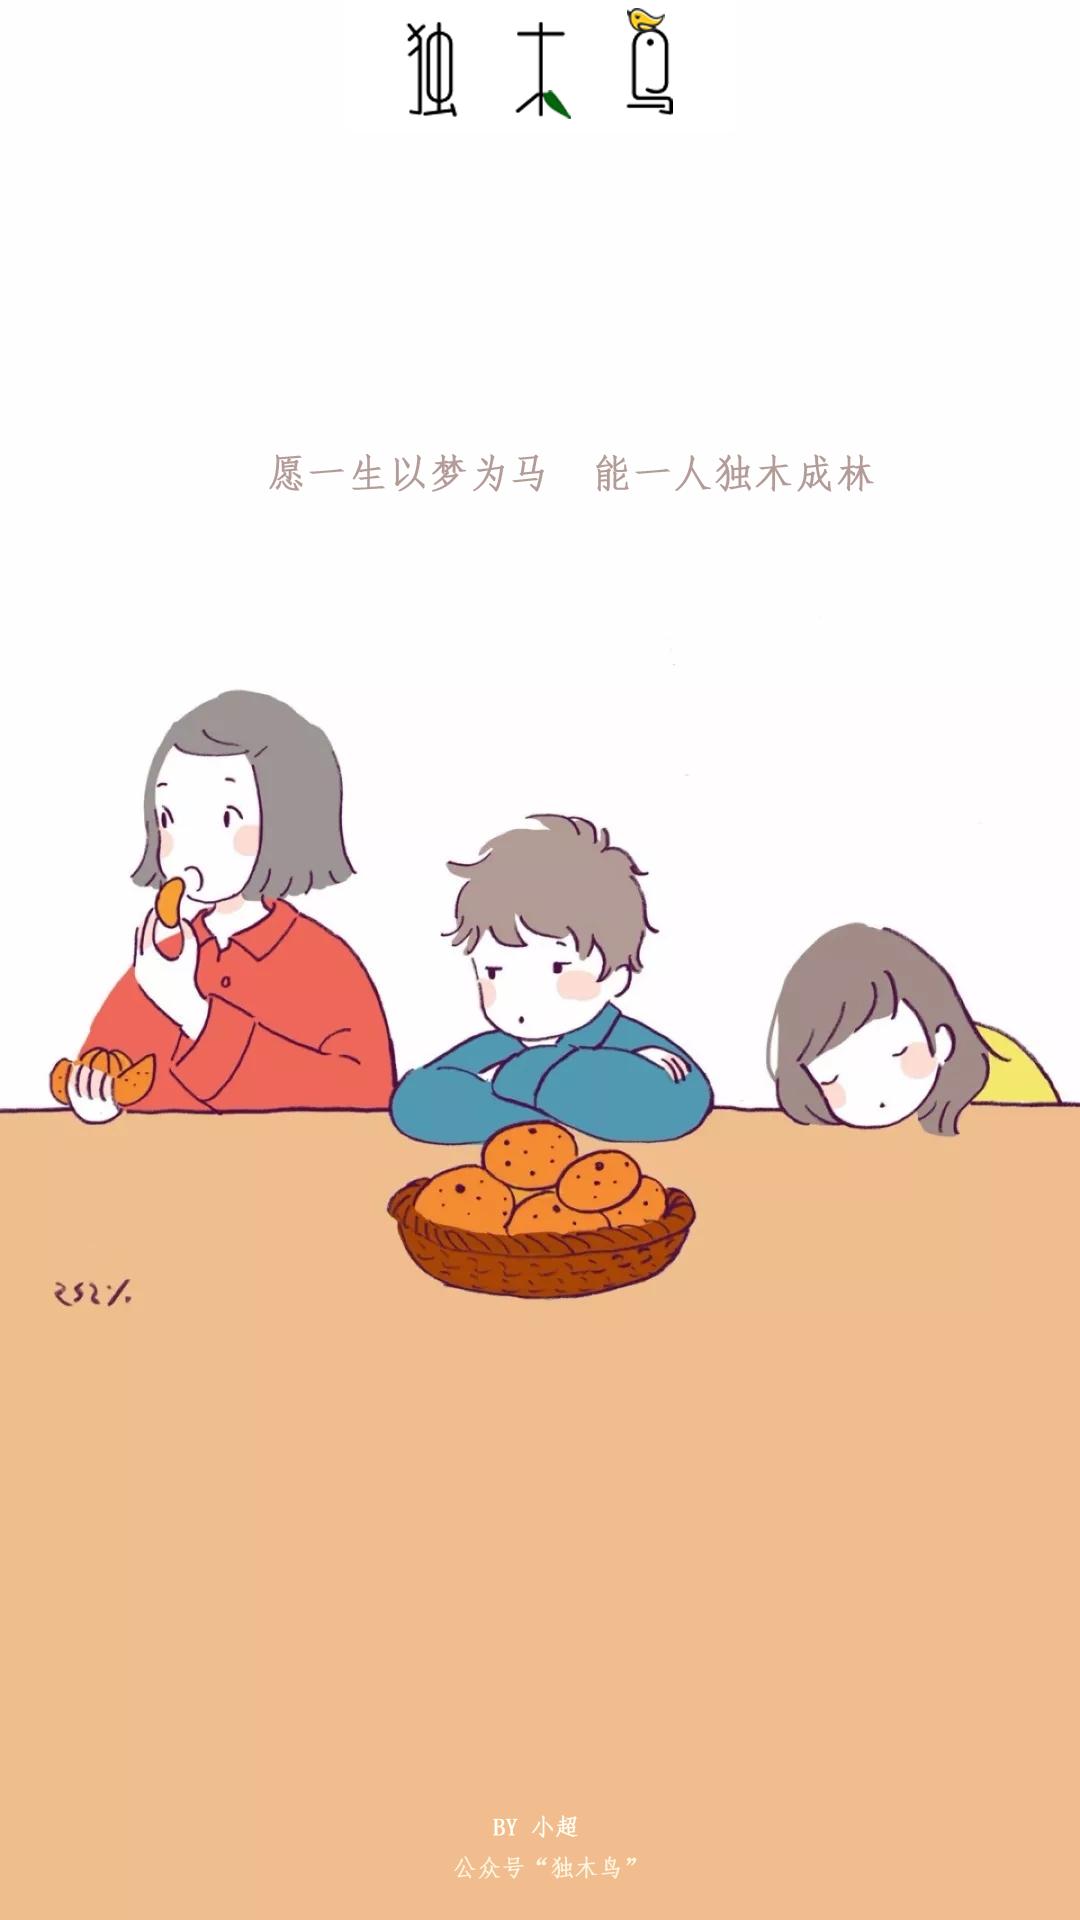 愿一生 吃饭.png